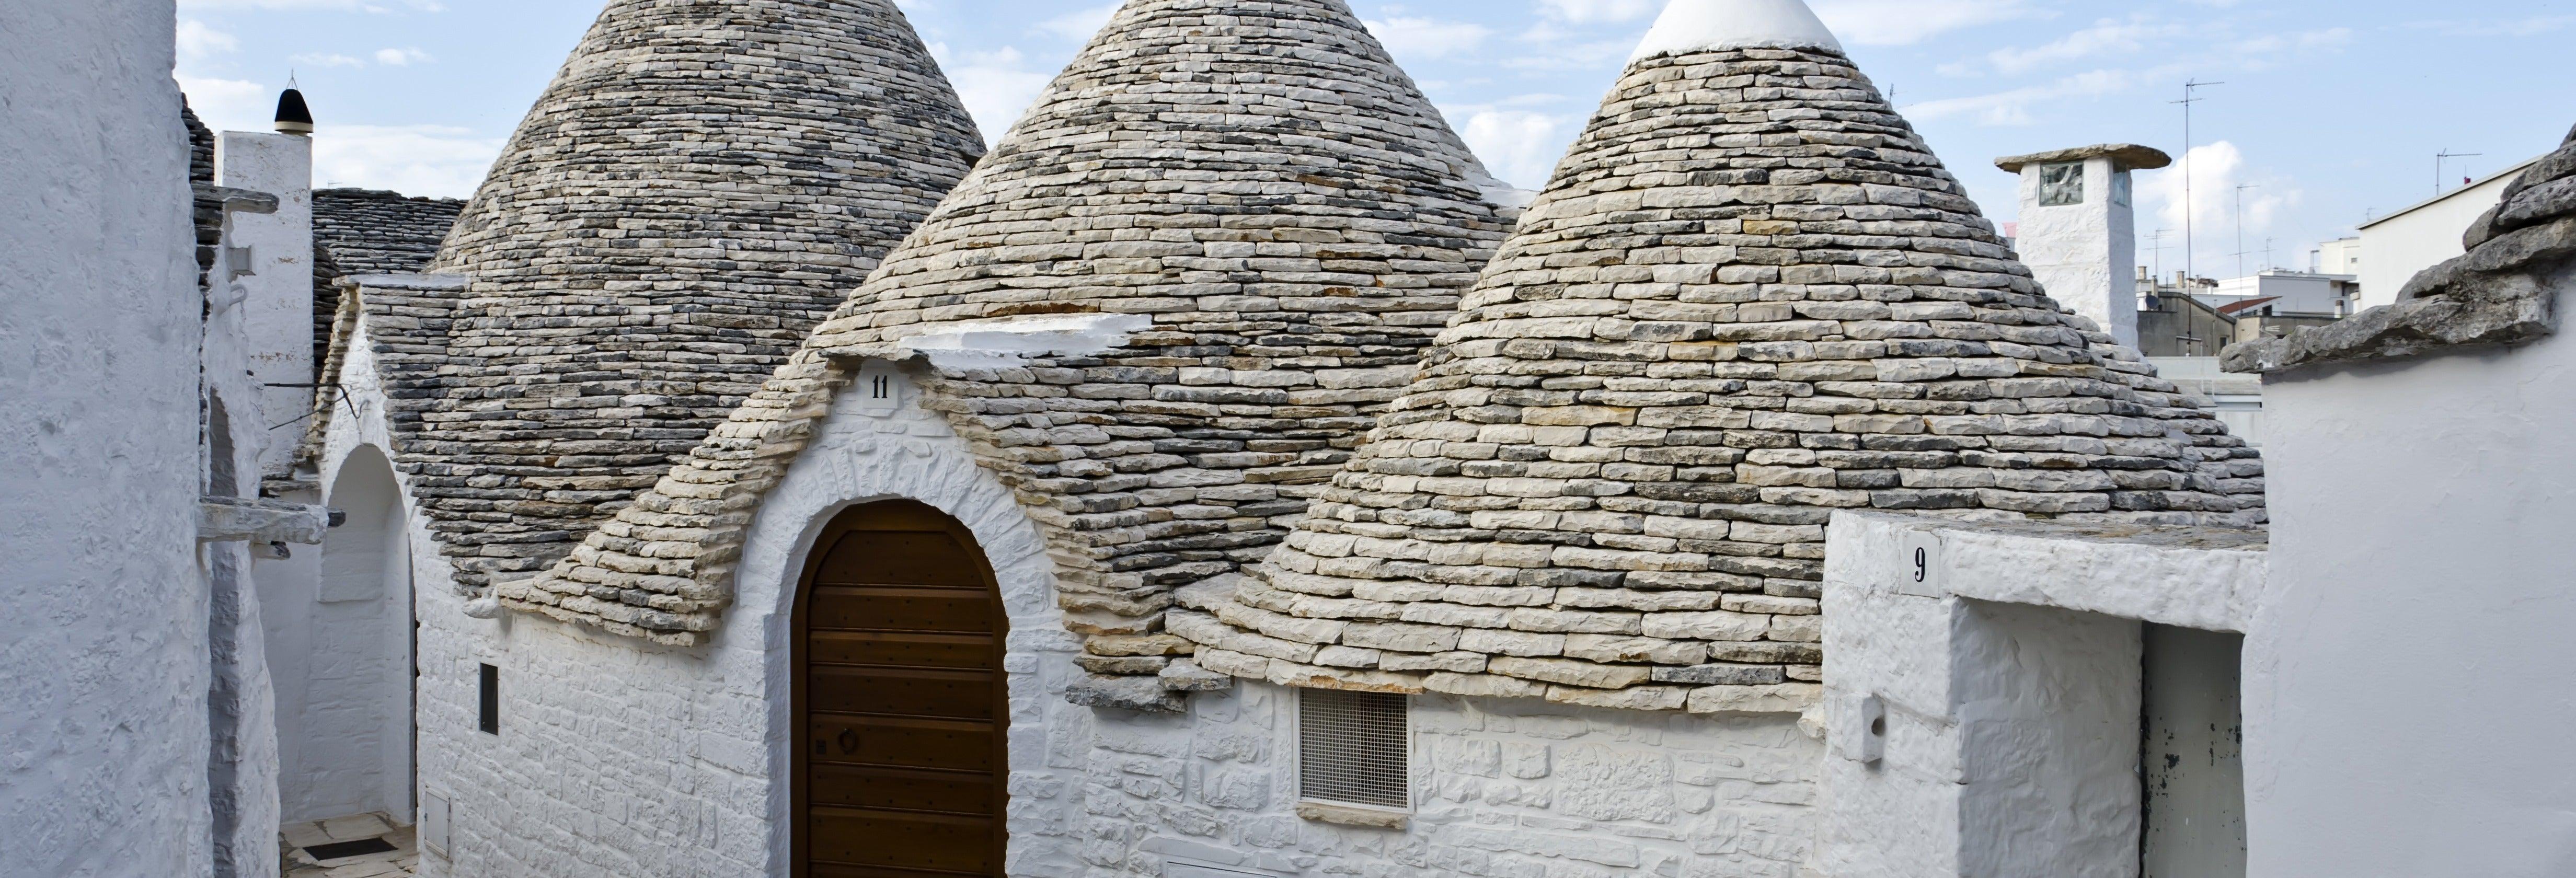 Tour privado por Alberobello y sus trullos con guía en español